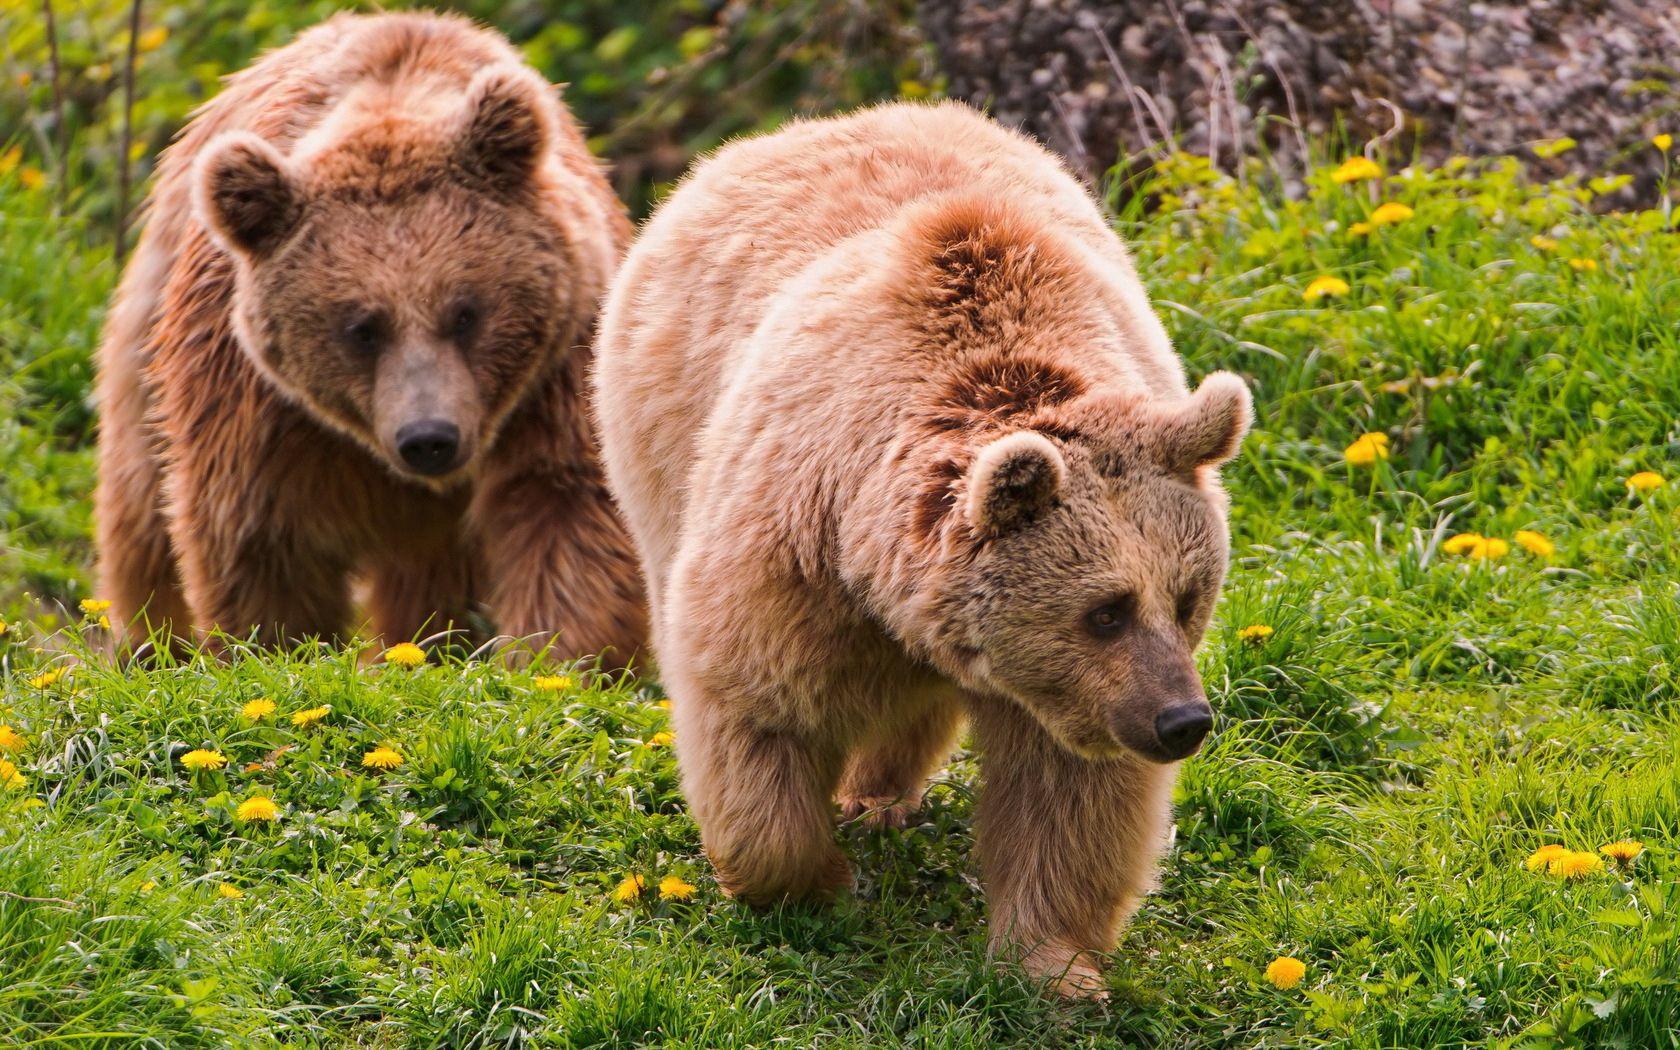 149887 Заставки и Обои Медведи на телефон. Скачать Животные, Цветы, Медведи, Лето, Лес, Пара, Прогулка картинки бесплатно